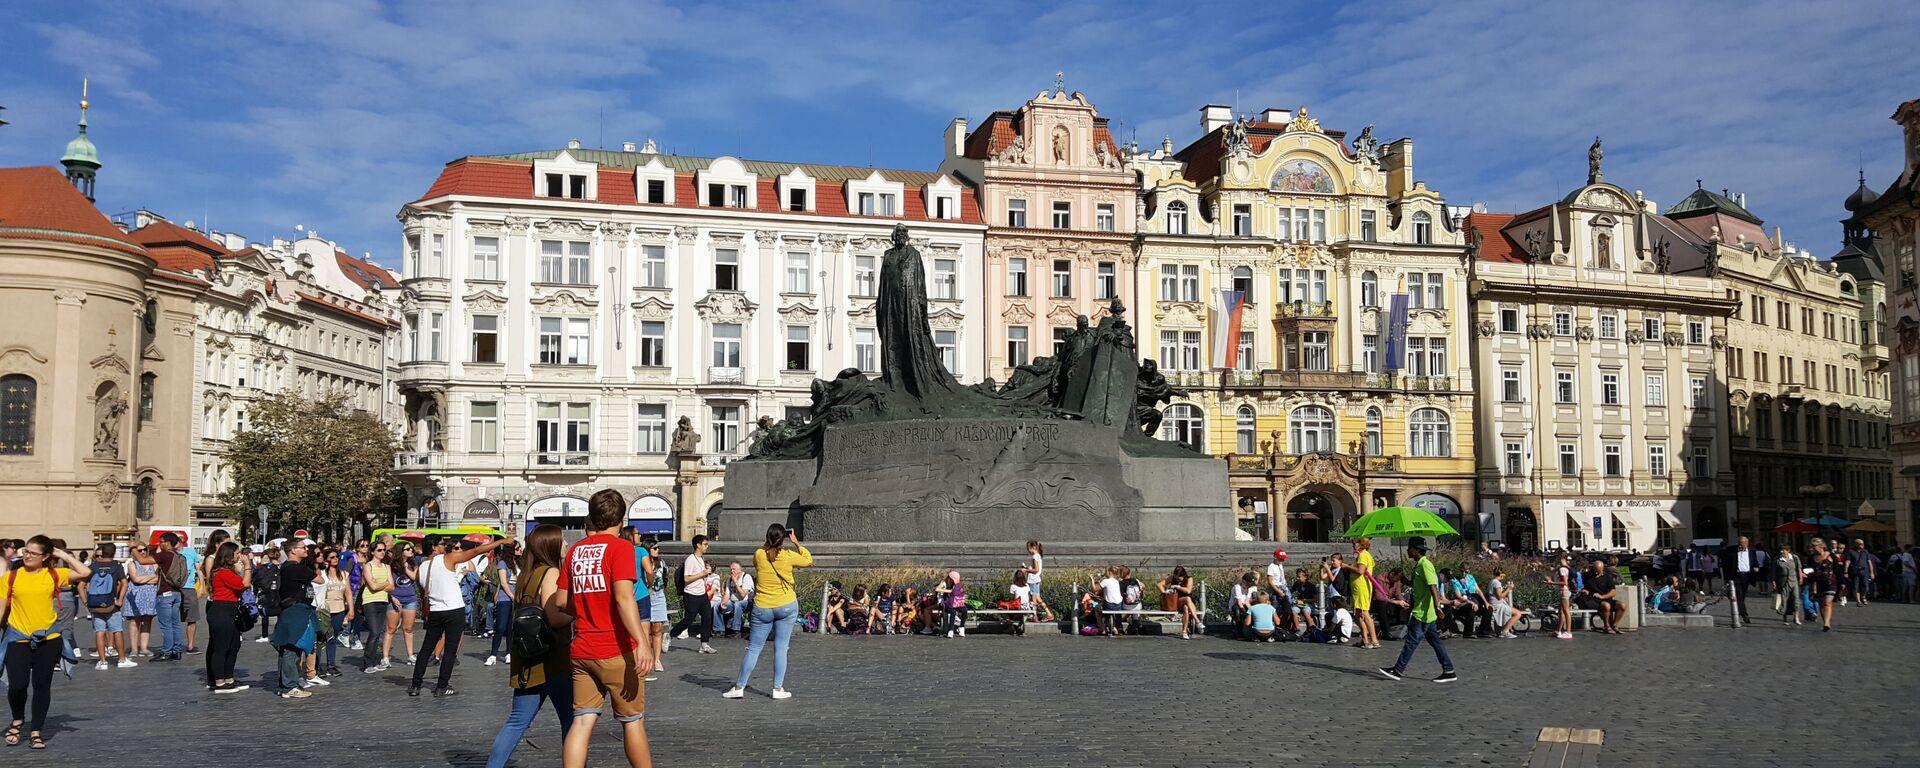 Staroměstské náměstí - Sputnik Česká republika, 1920, 11.05.2021